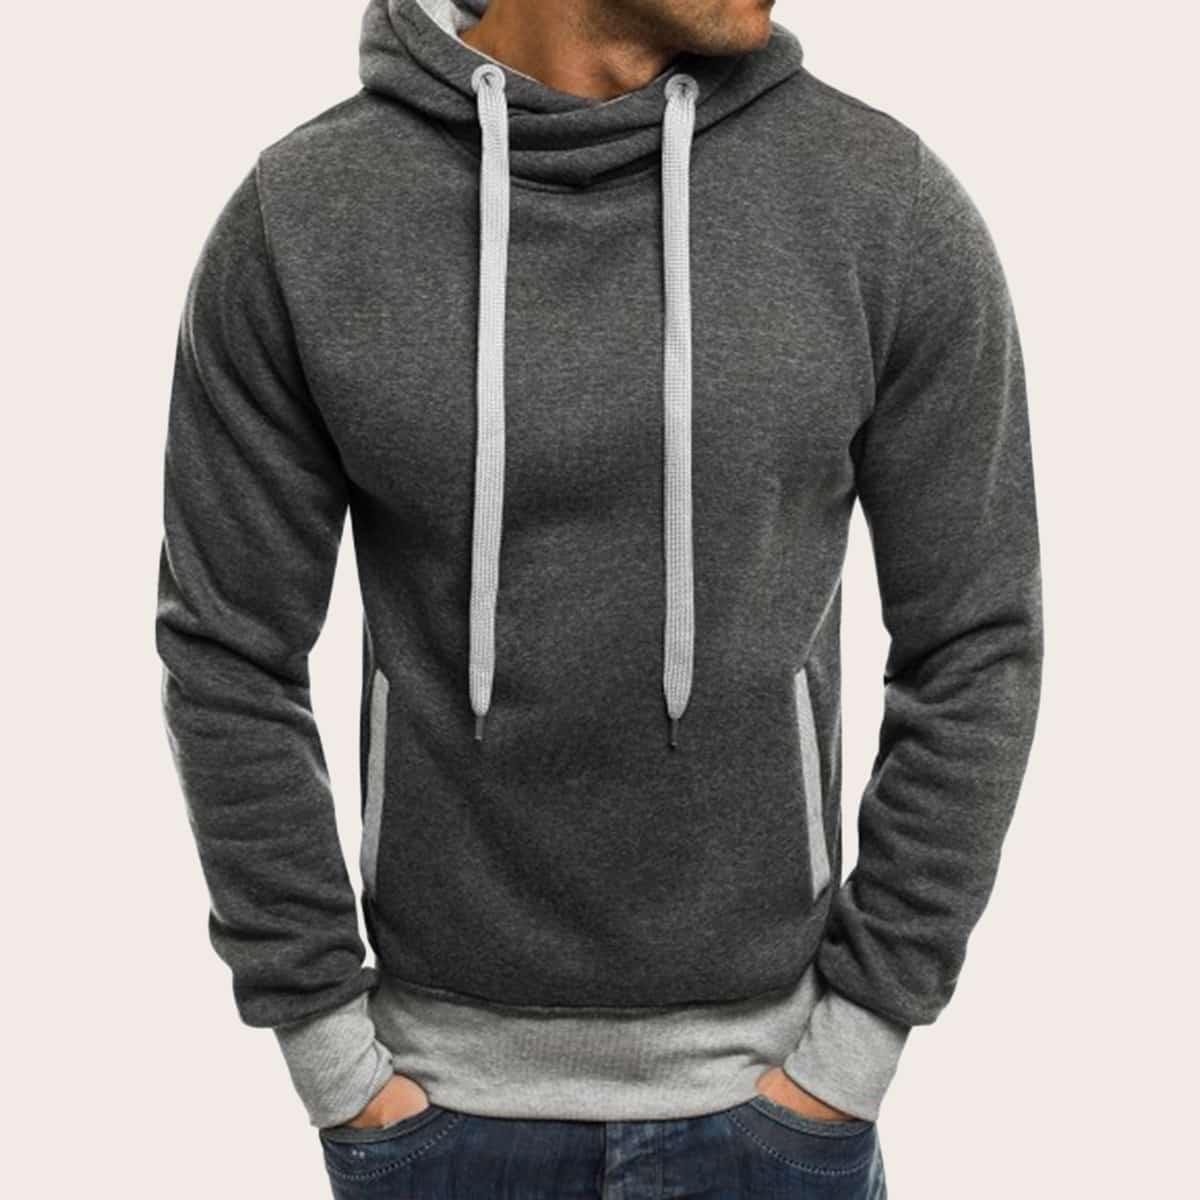 Grijs Sporten Koord Vlak Sweatshirts voor heren